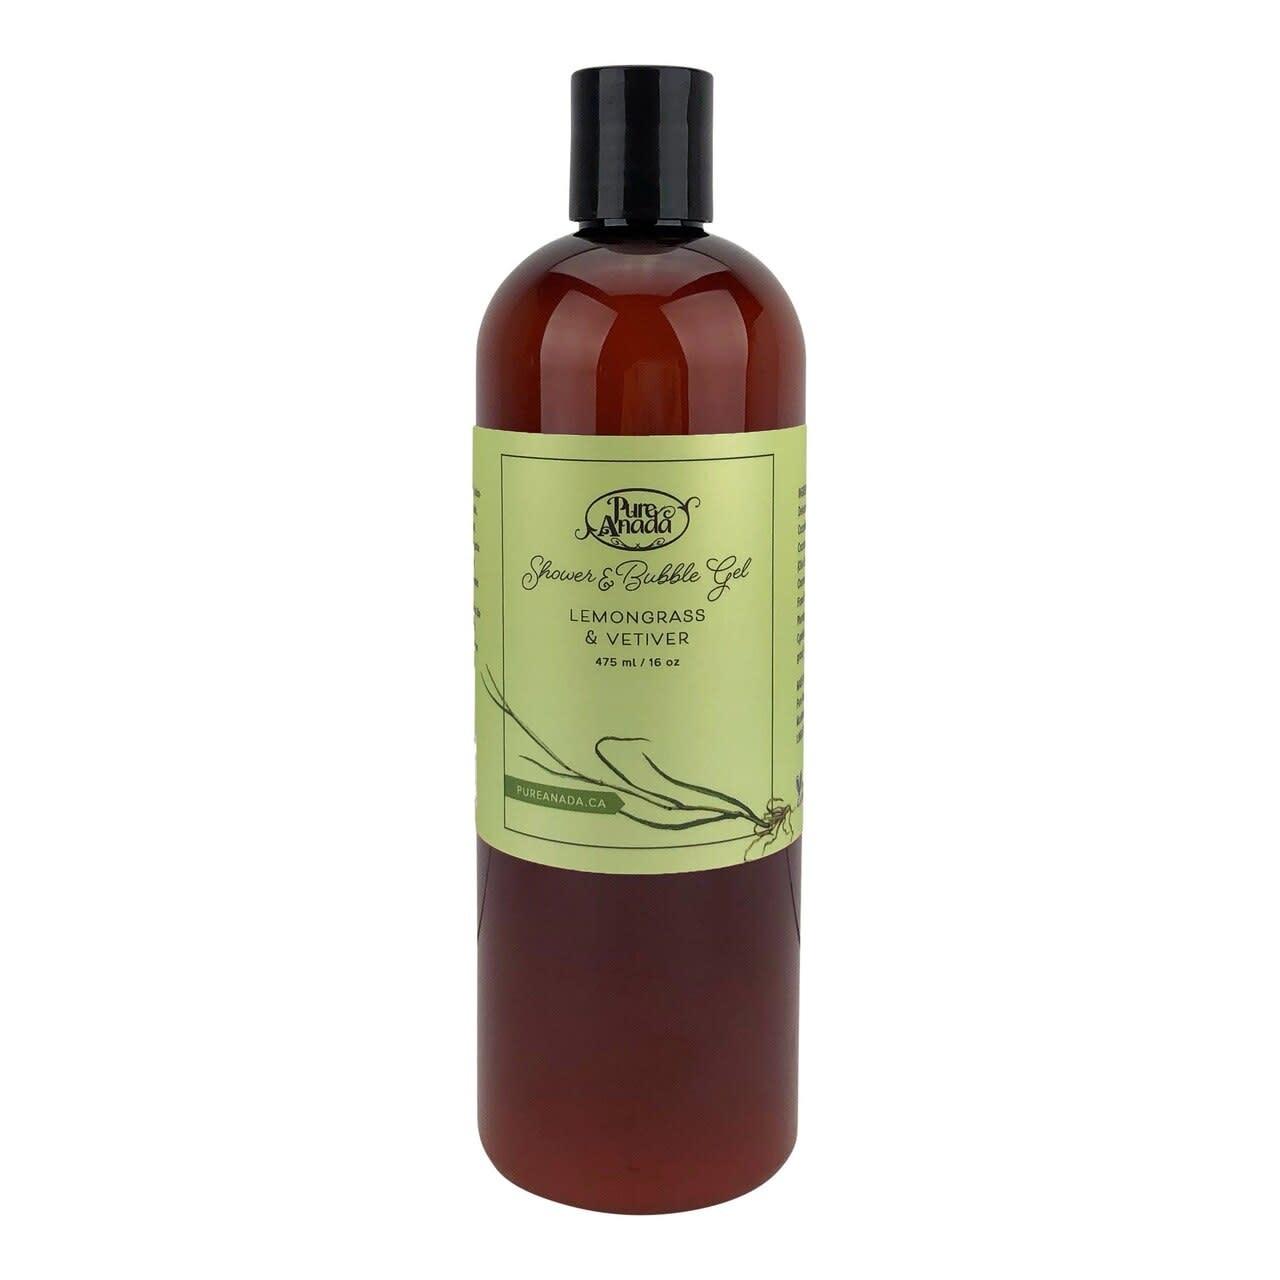 Shower & Bubble Gel - Lemongrass & Vetiver-1